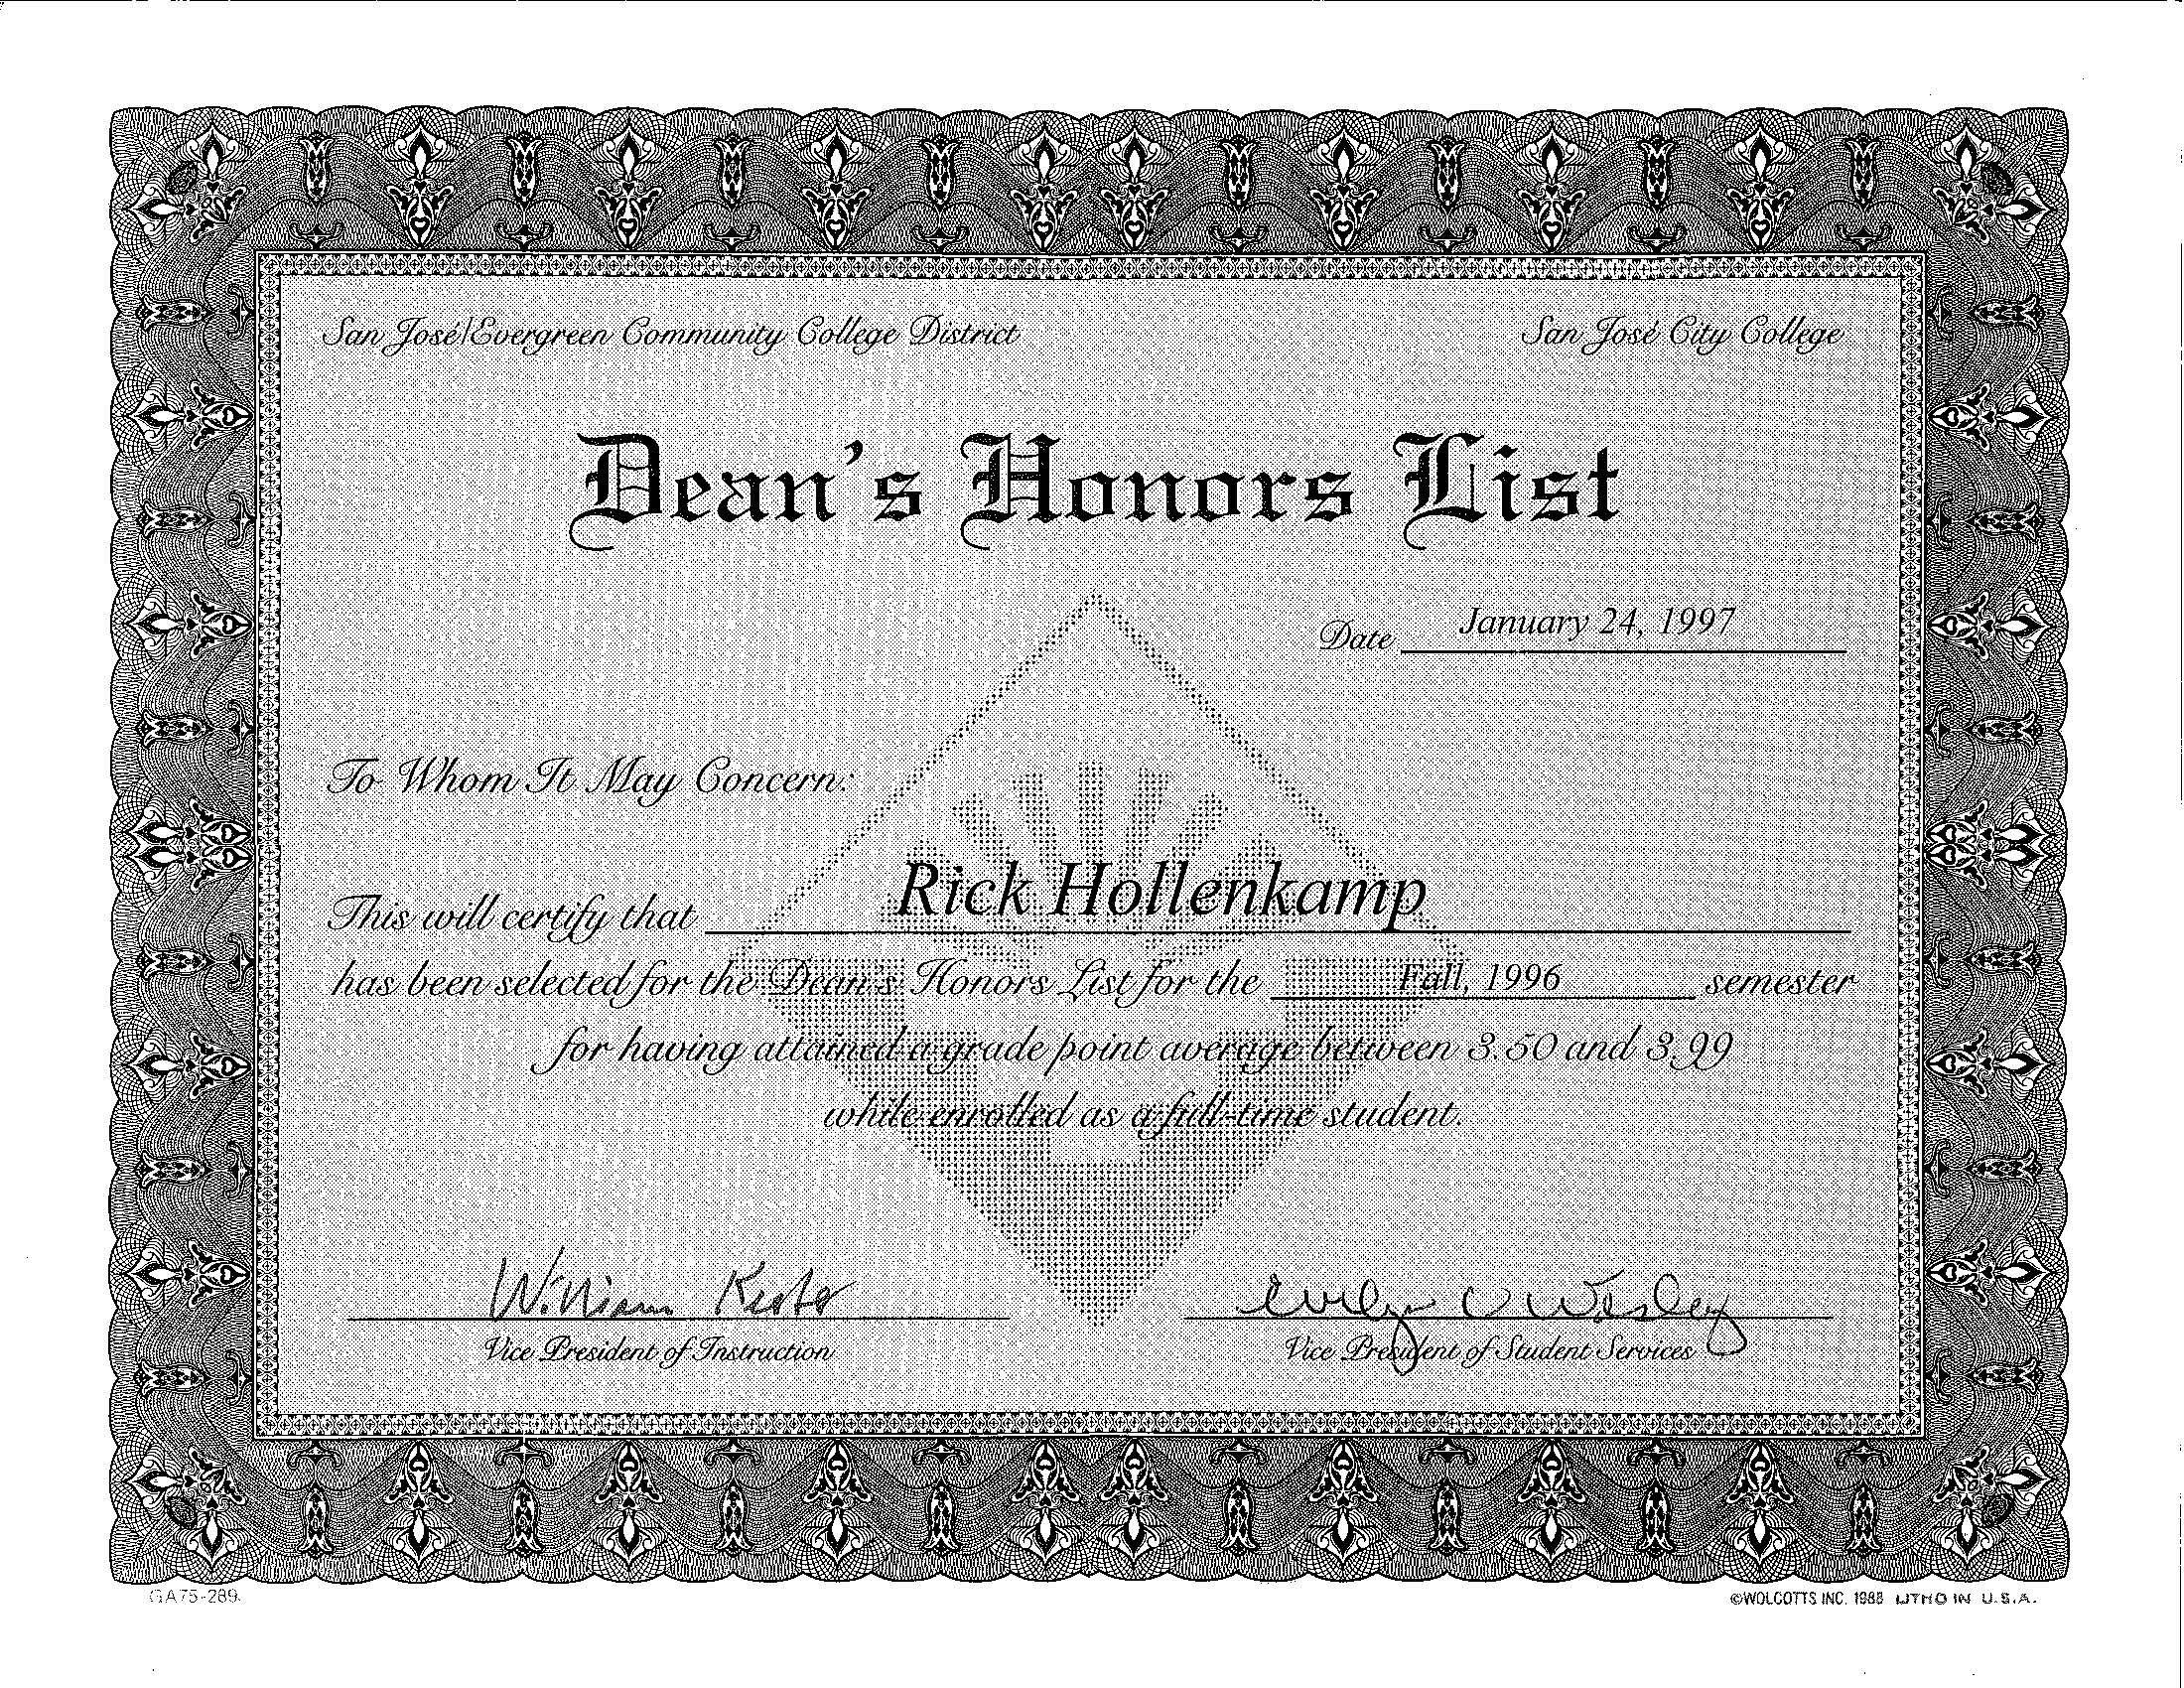 Dean's Honor List Award Social security card, Letter of